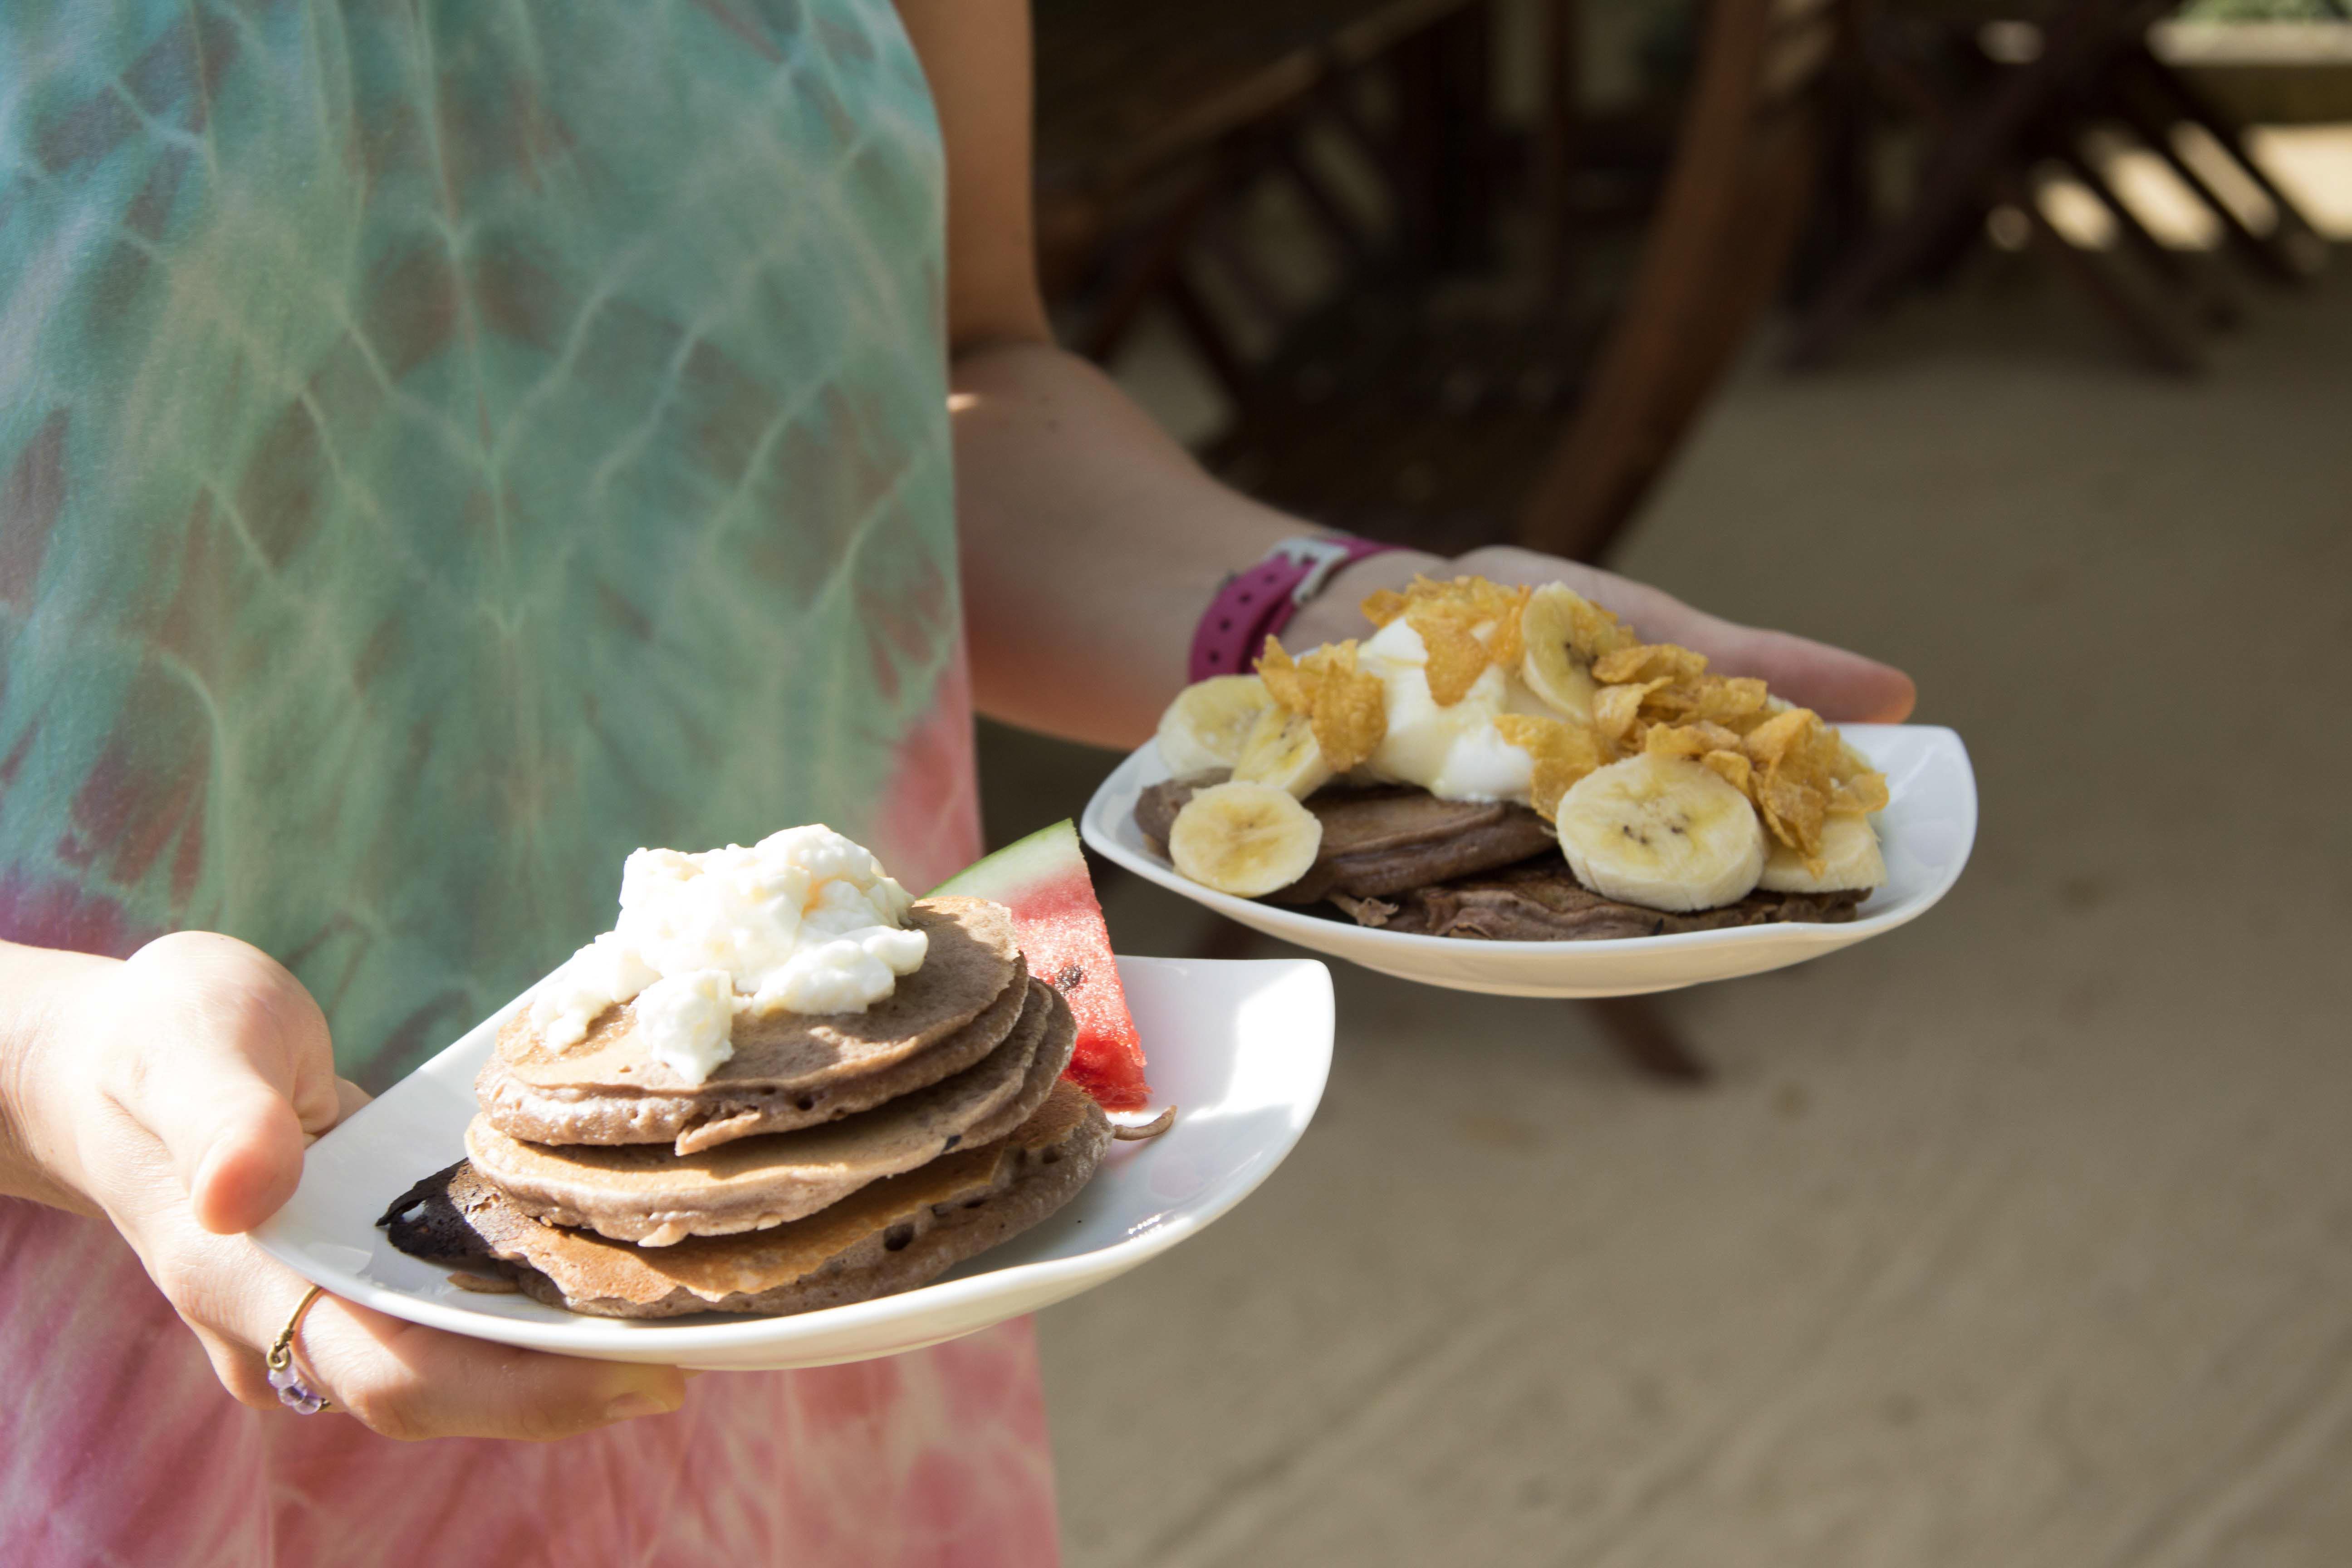 Pancakes mit Früchten - Frühstück im Hotel Bay Vista - Arugam Bay